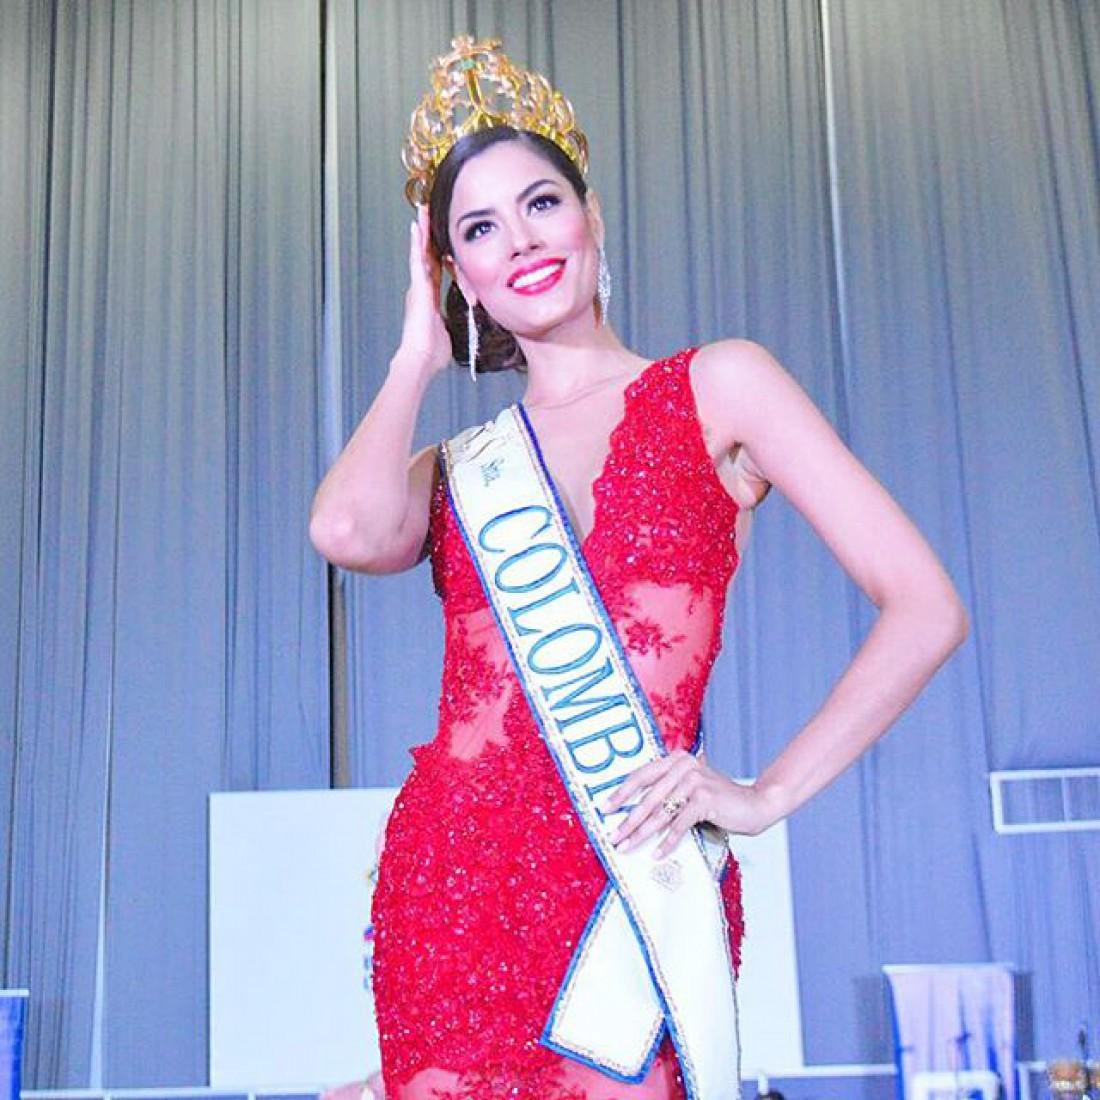 Вице мисс Ариадна Гутьеррес